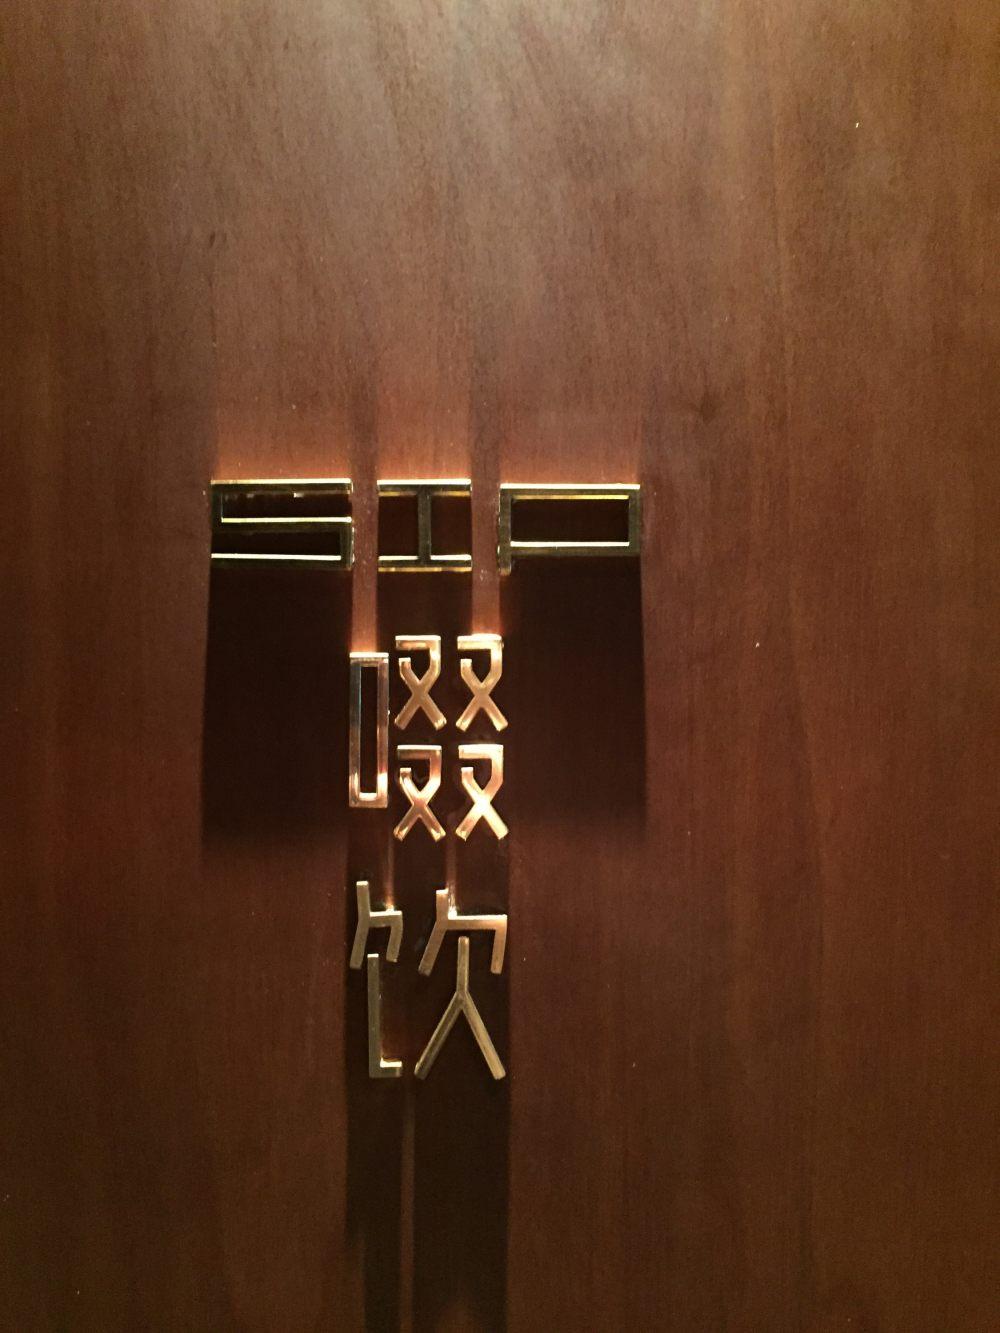 上海外滩W酒店,史上最全入住体验 自拍分享,申请置...._IMG_6333.JPG